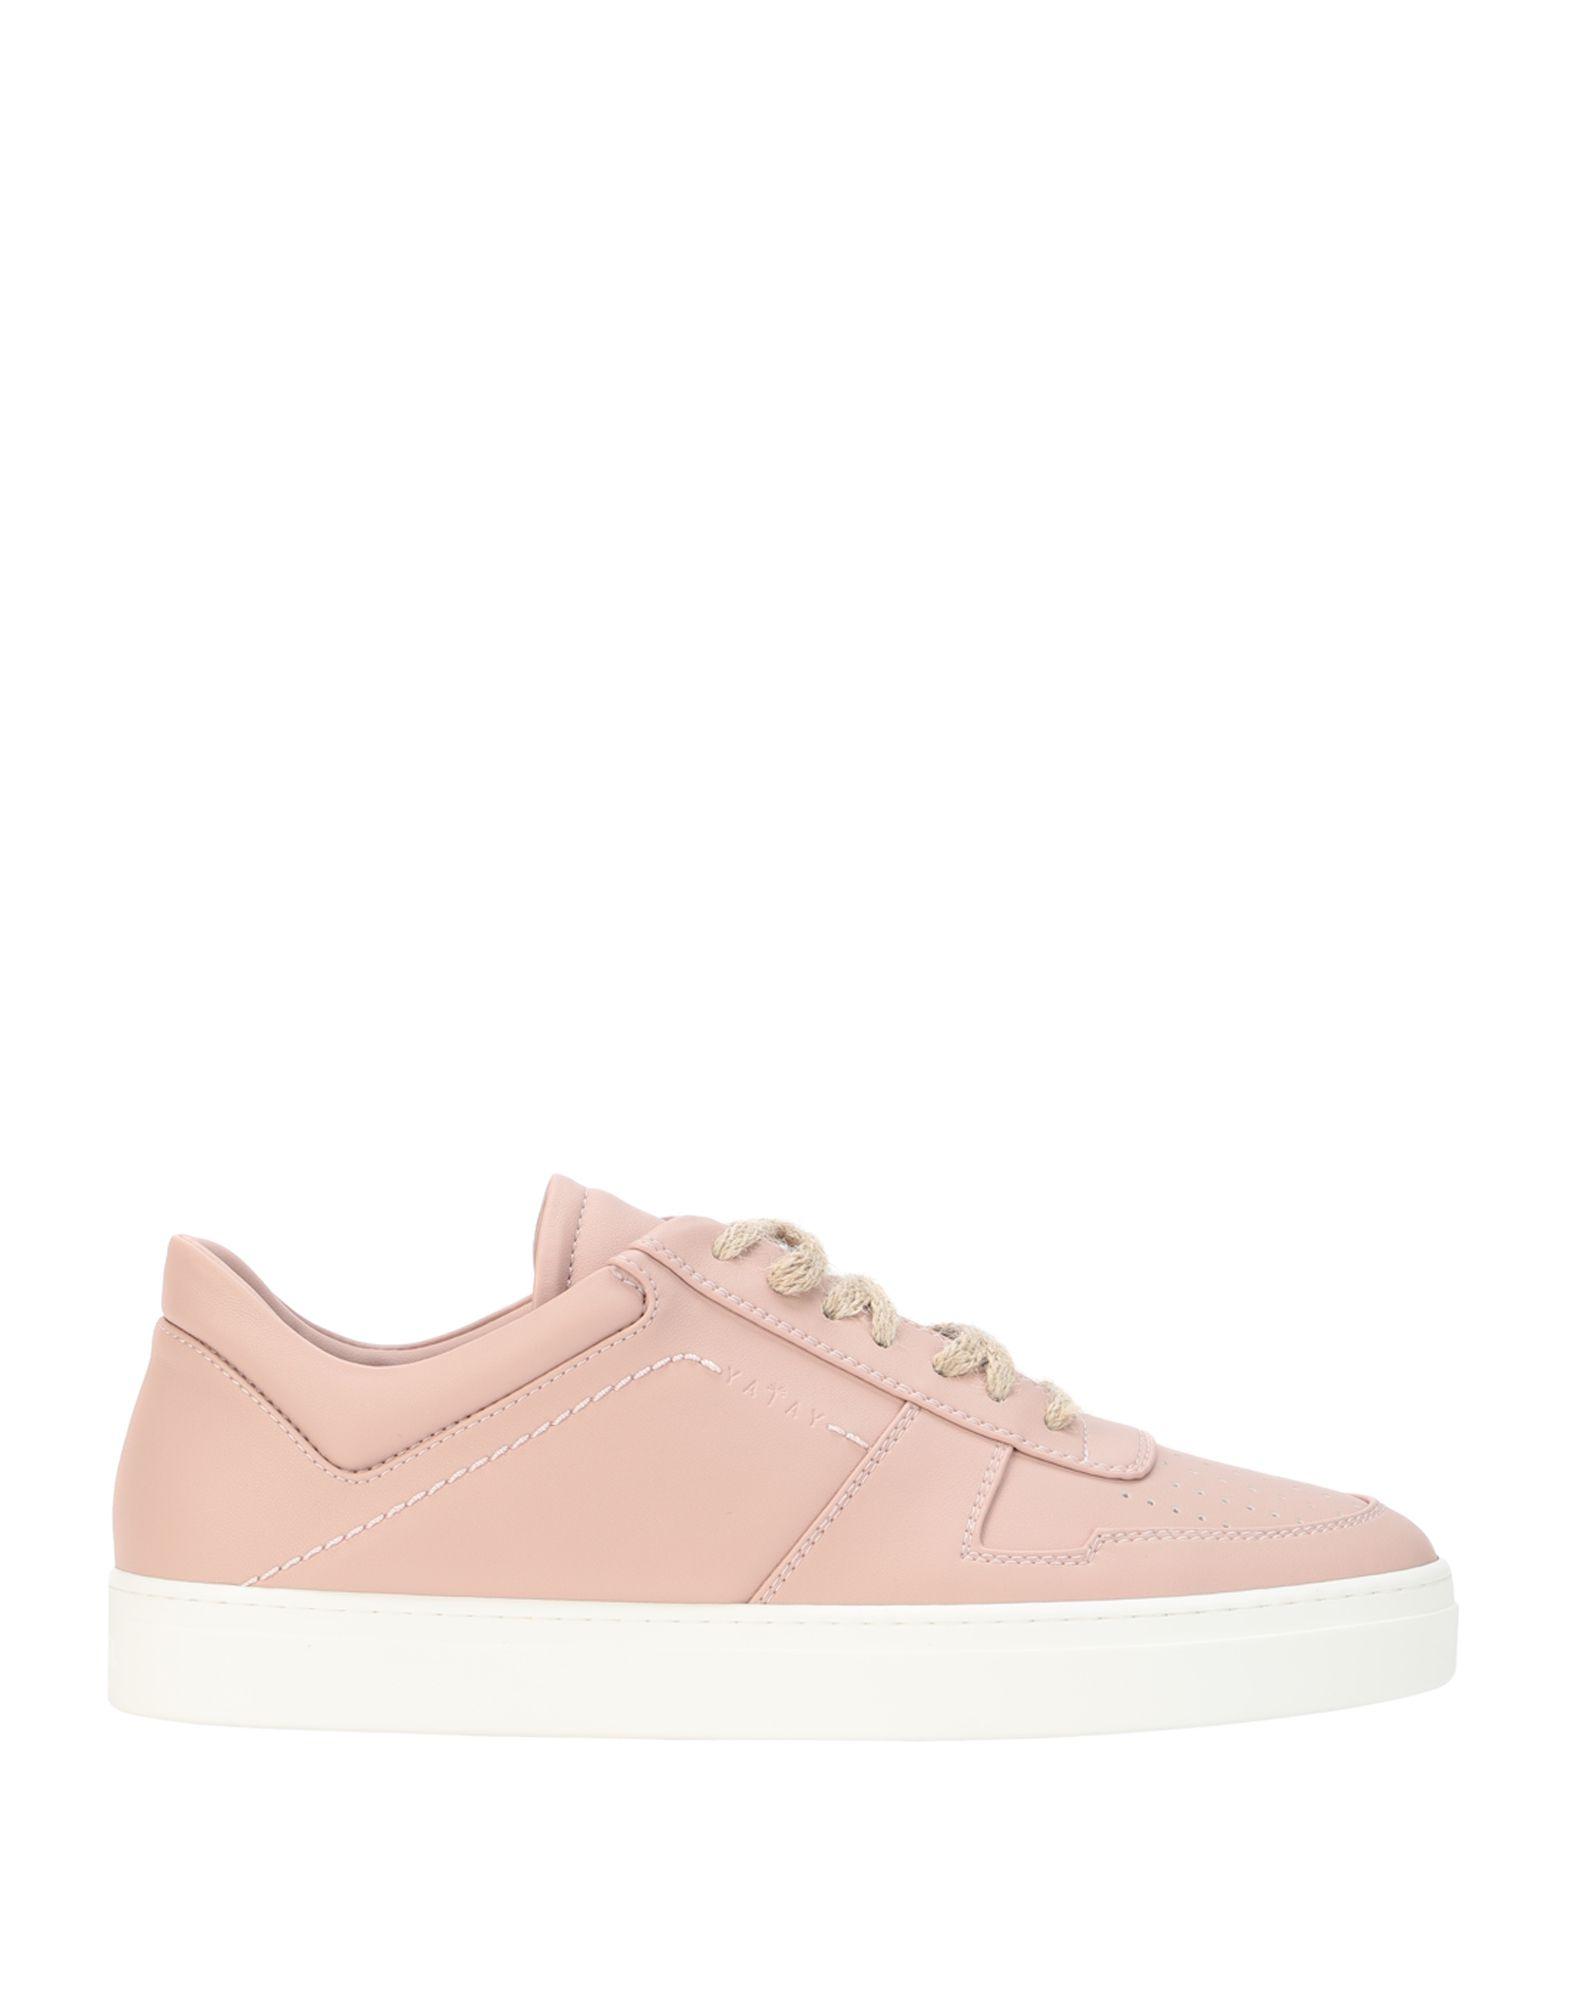 YATAY Low-tops & sneakers - Item 11863531